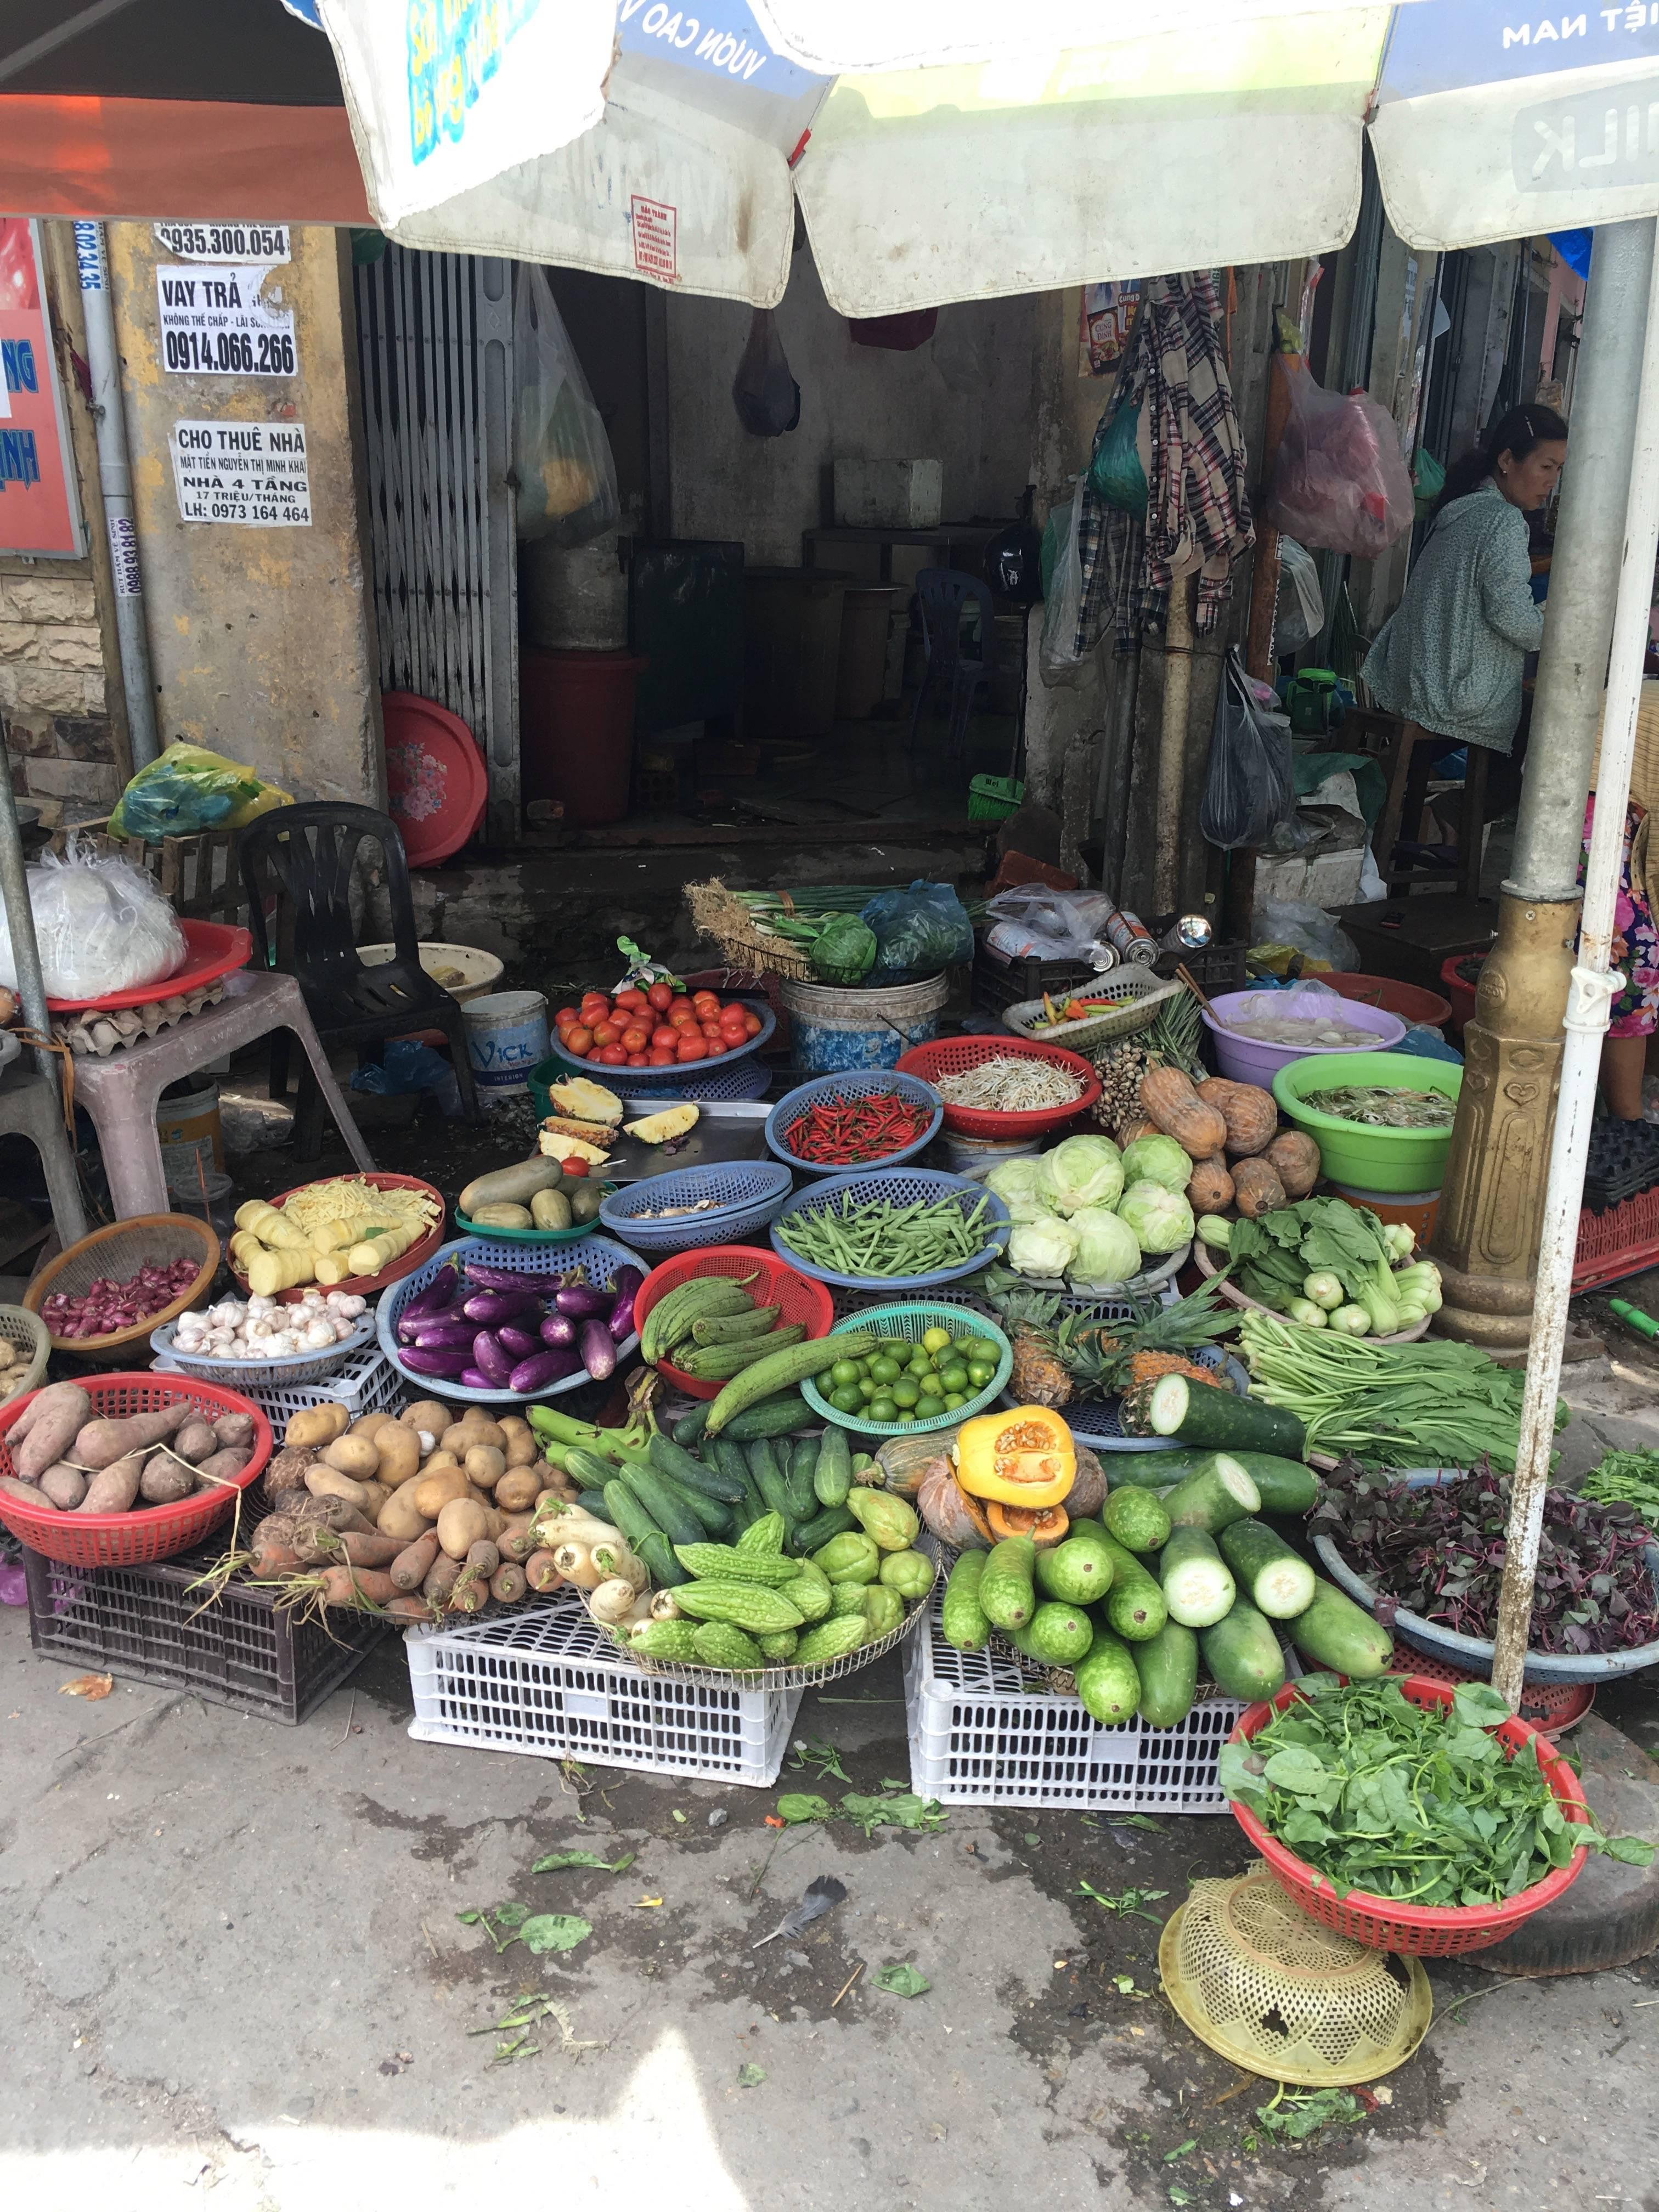 Photo 2: Se perdre dans le grand marché de Hué